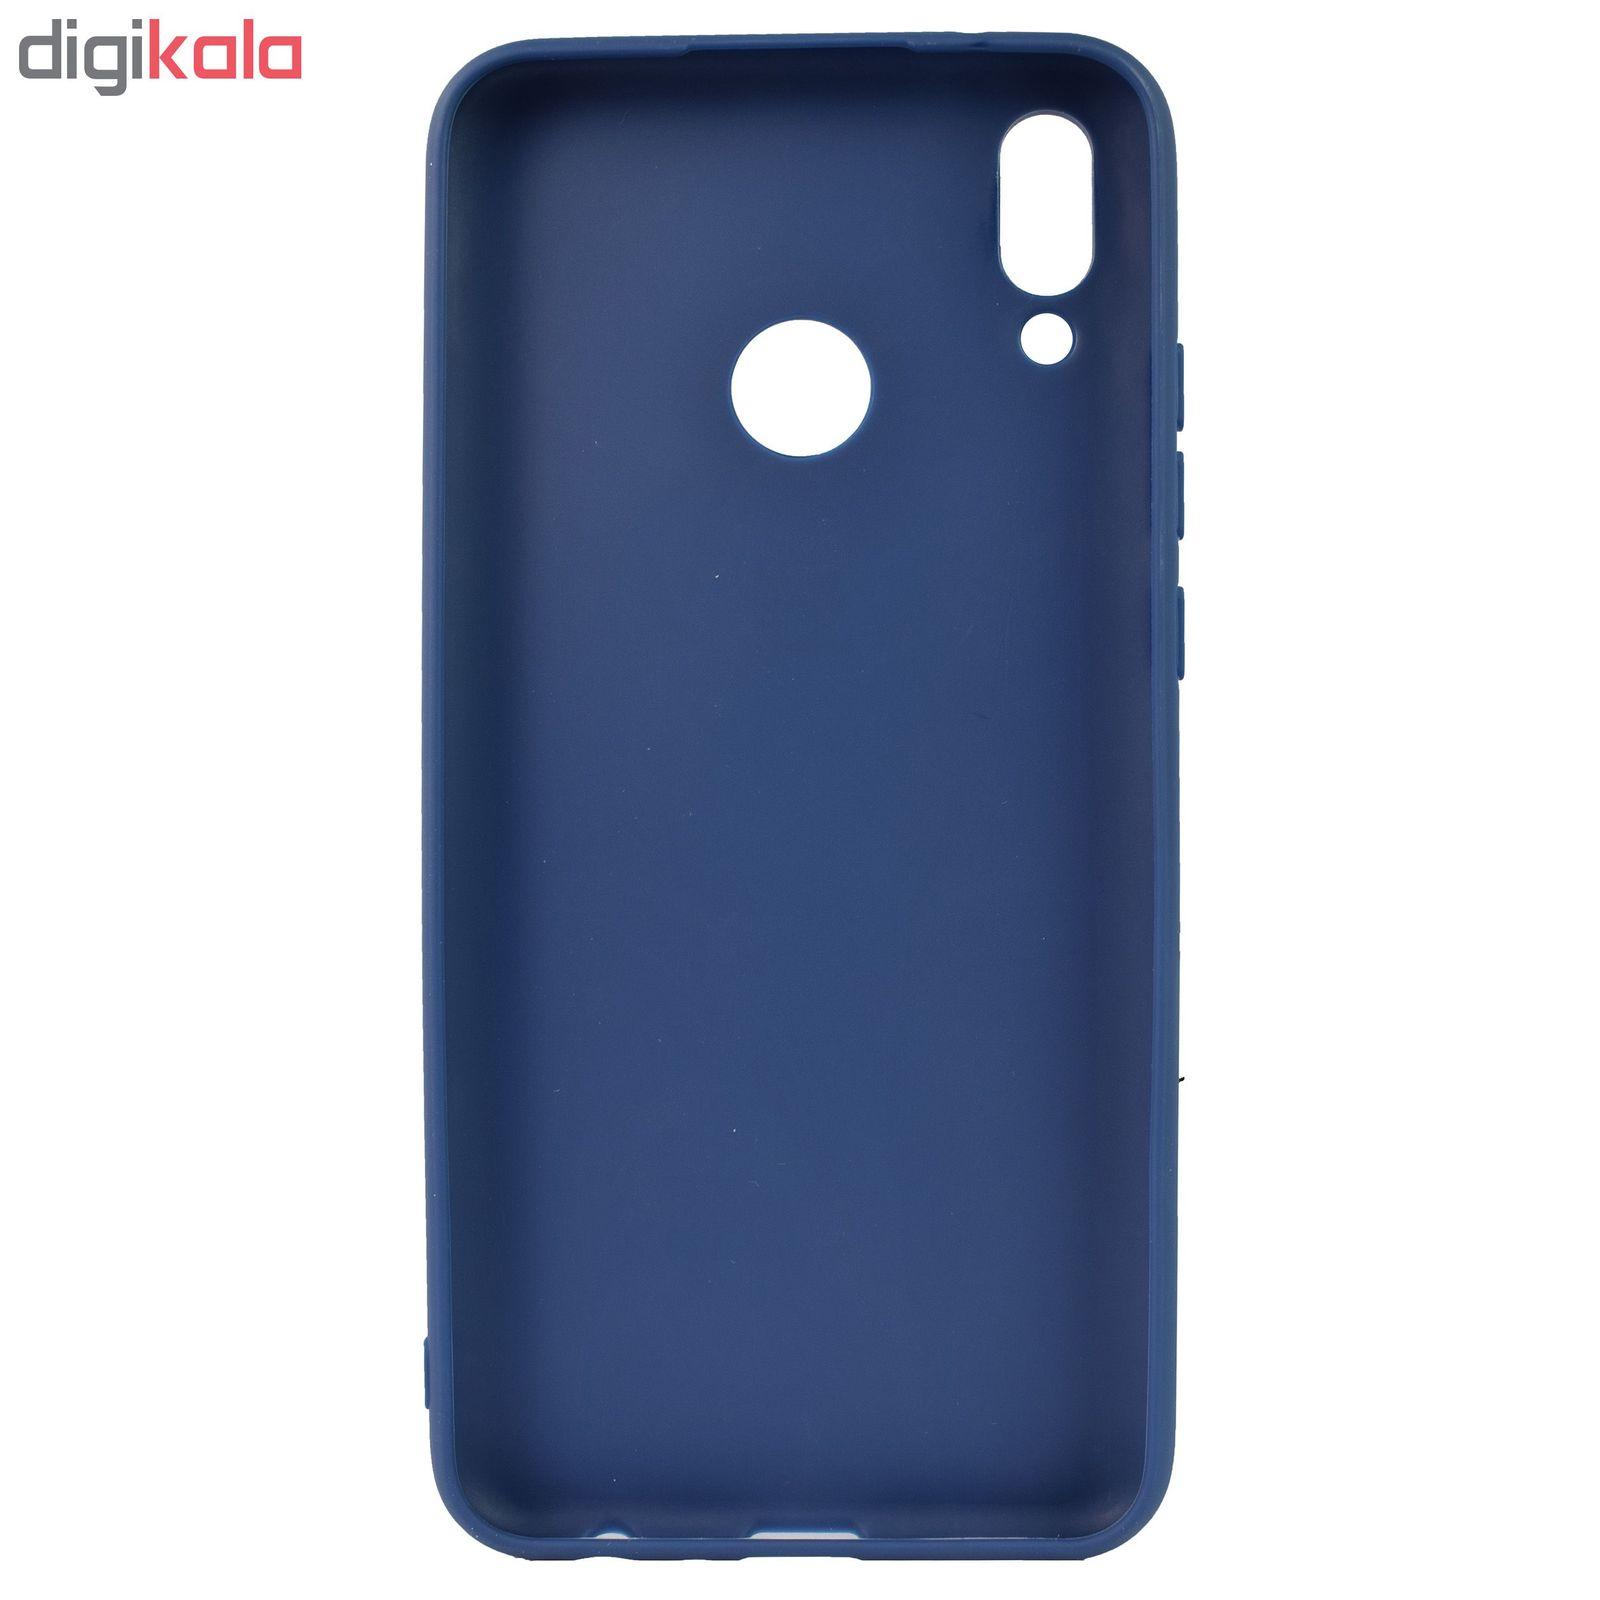 کاور مدل SC20 مناسب برای گوشی موبایل هوآوی Y9 2019 main 1 11